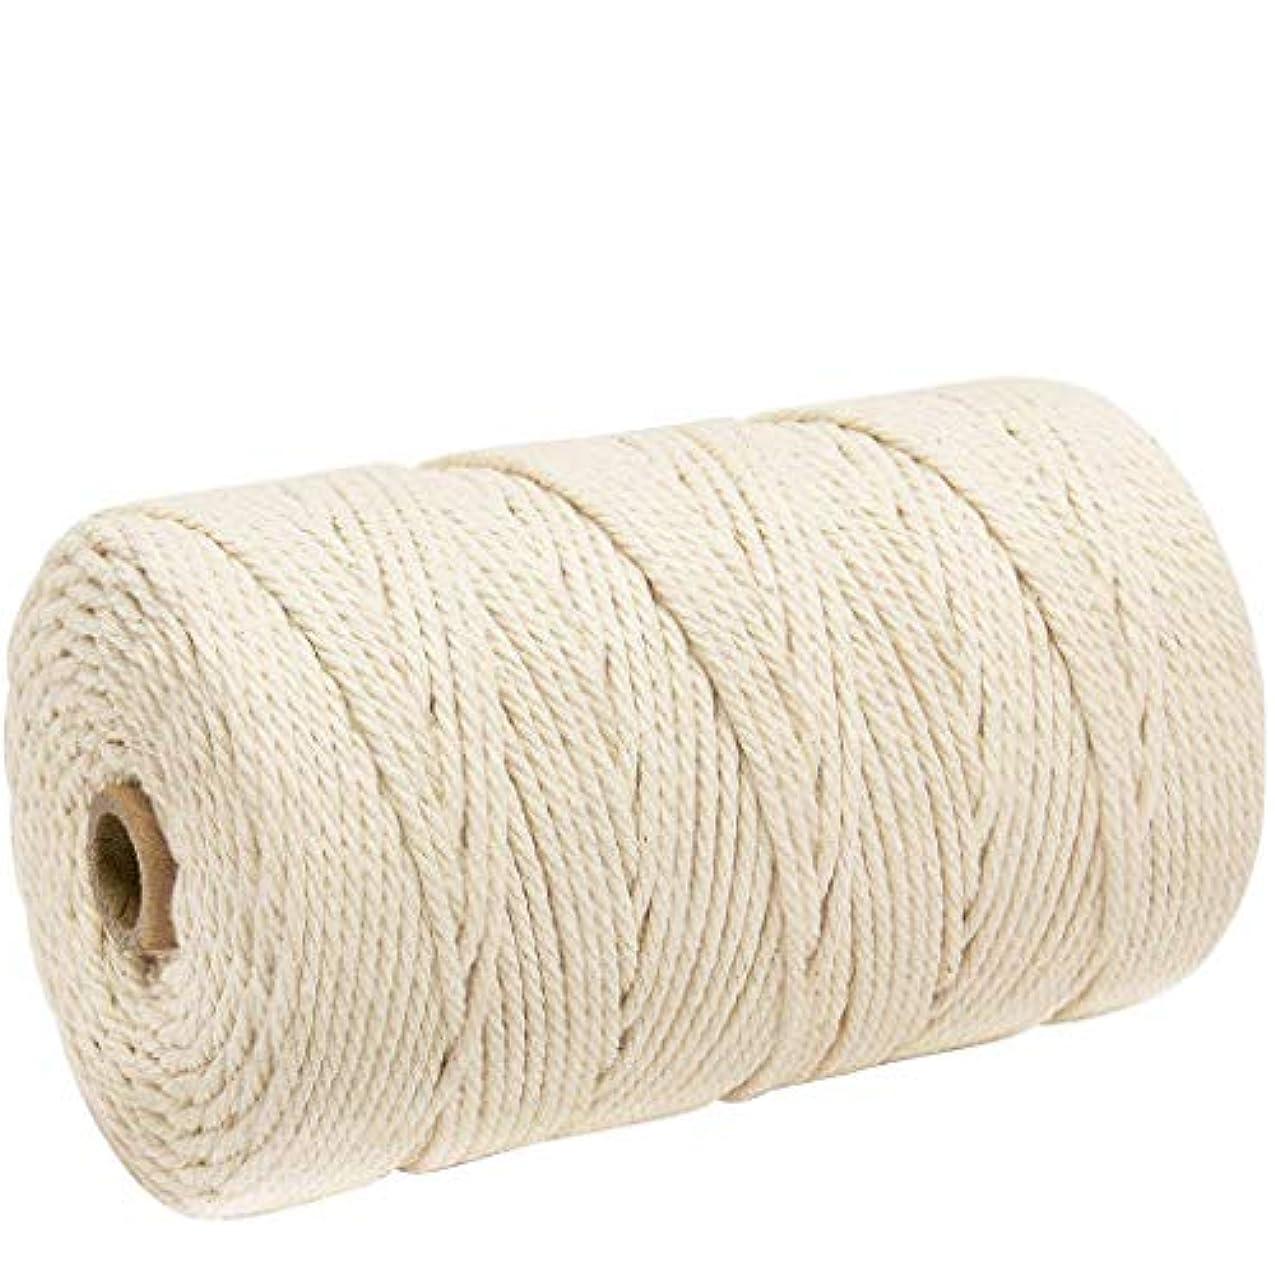 メンタルお肉線形ナチュラルコットン マクラメ ロープ 紐 糸 手作り編み糸 綿 DIY壁掛けハンガークラフト編みコードロープ 3㎜ 200m (ライスホワイト)